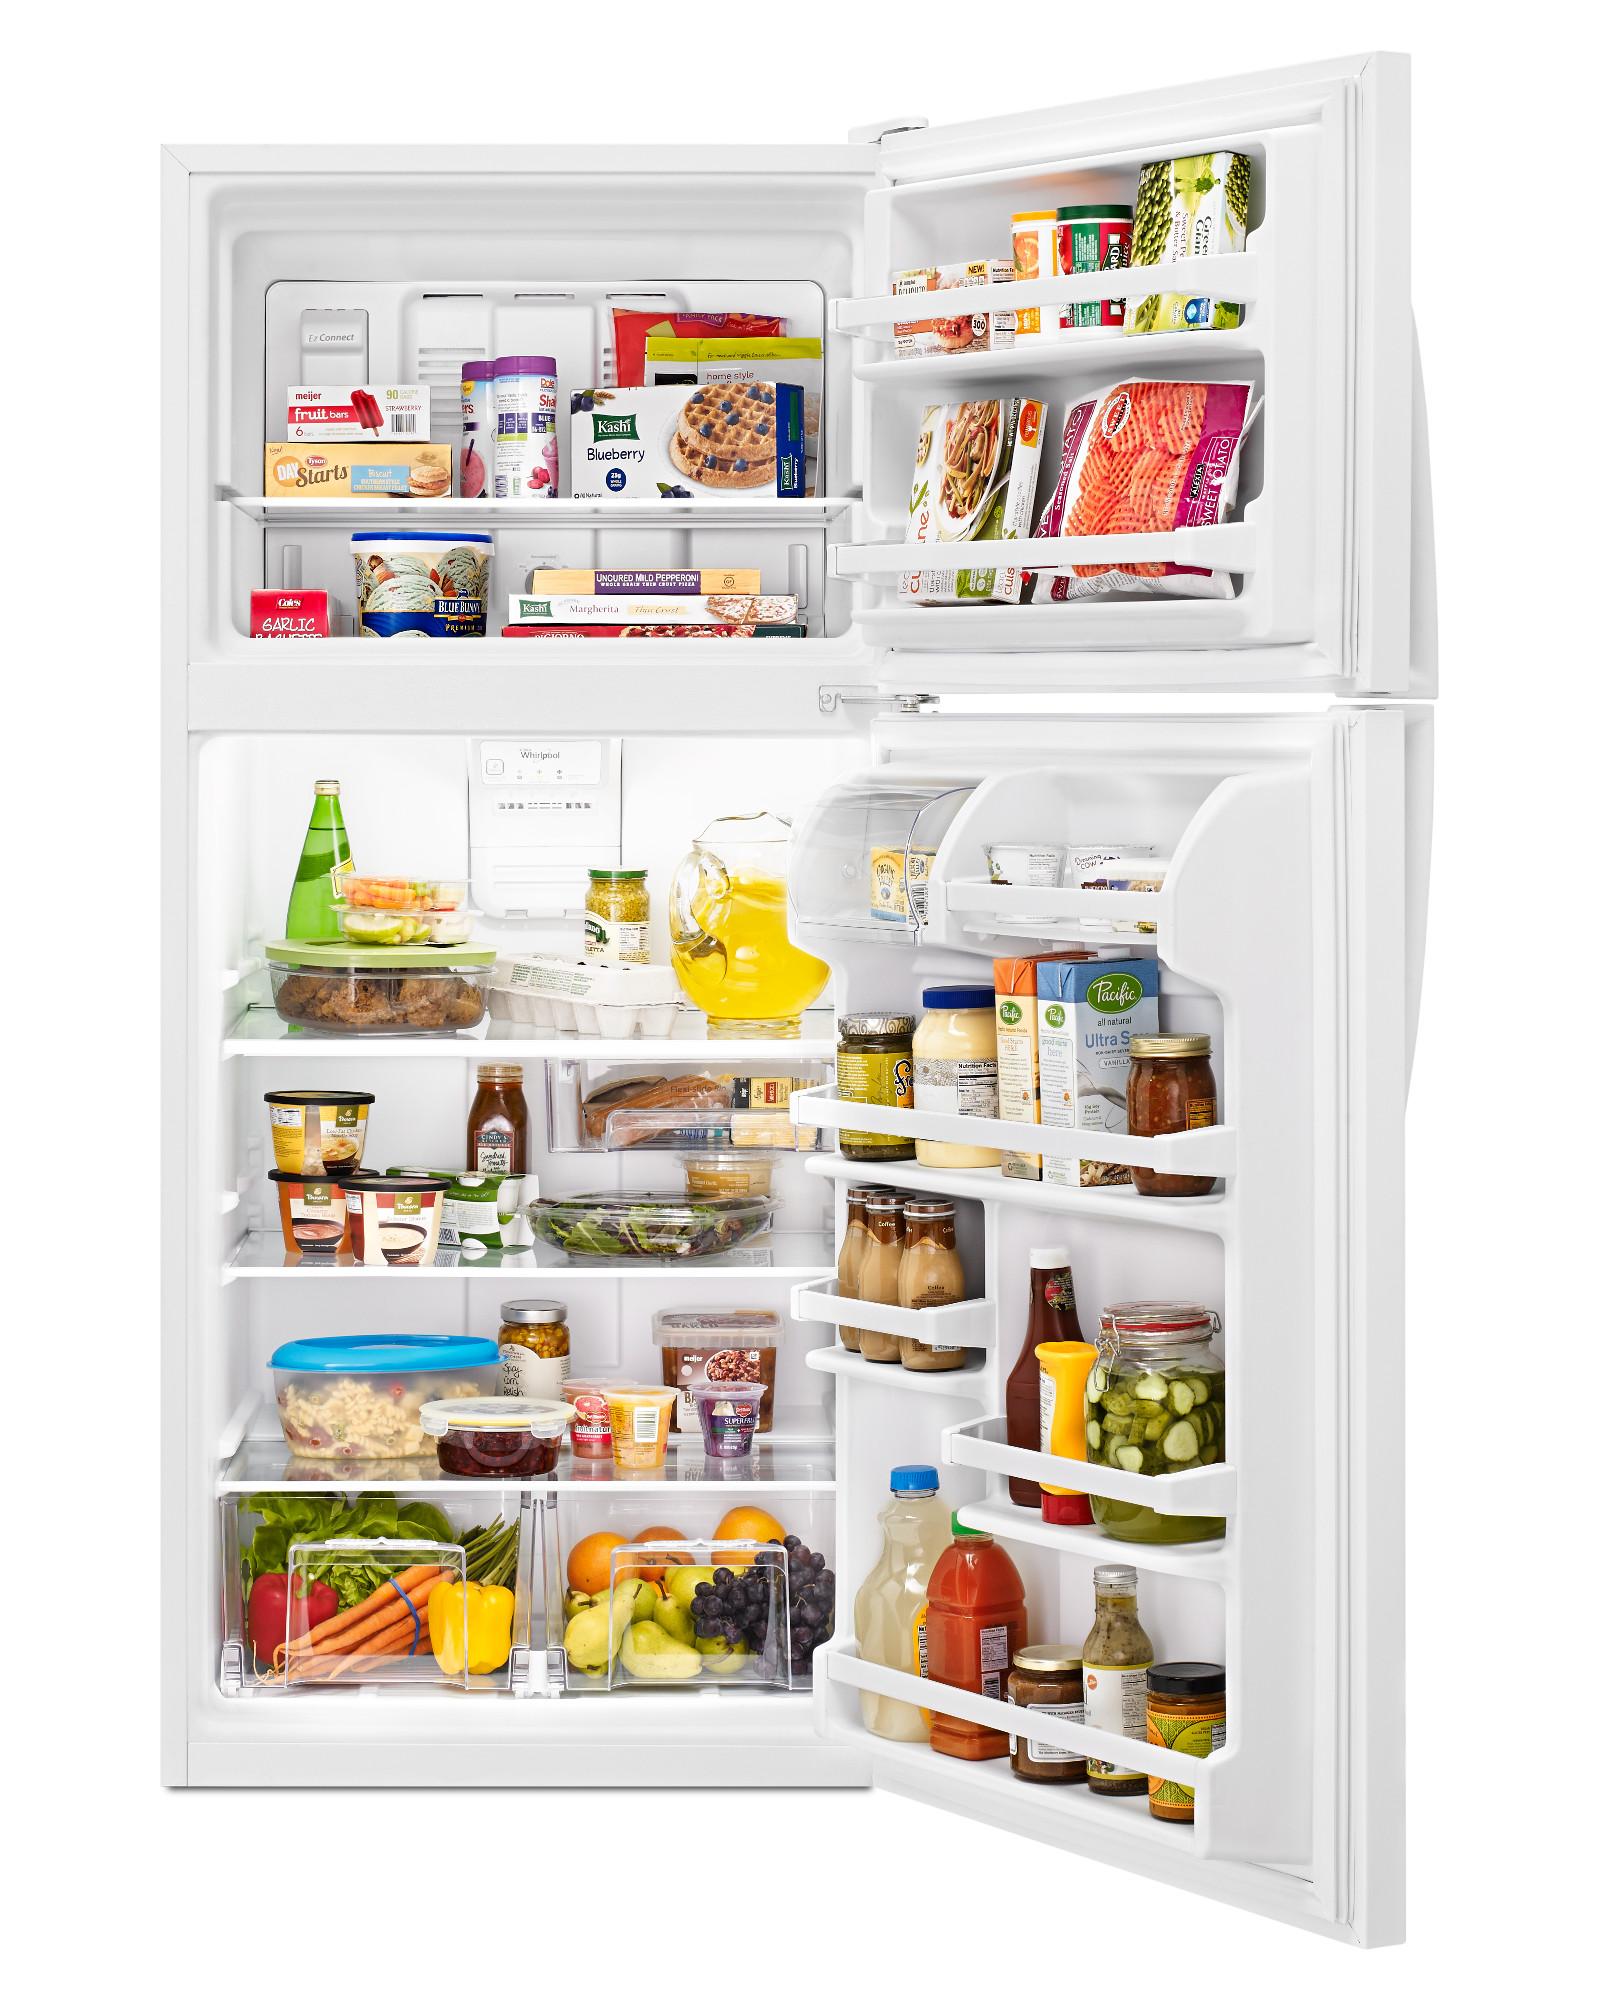 Whirlpool WRT318FZDW 18 cu. ft. Top Freezer Refrigerator - White